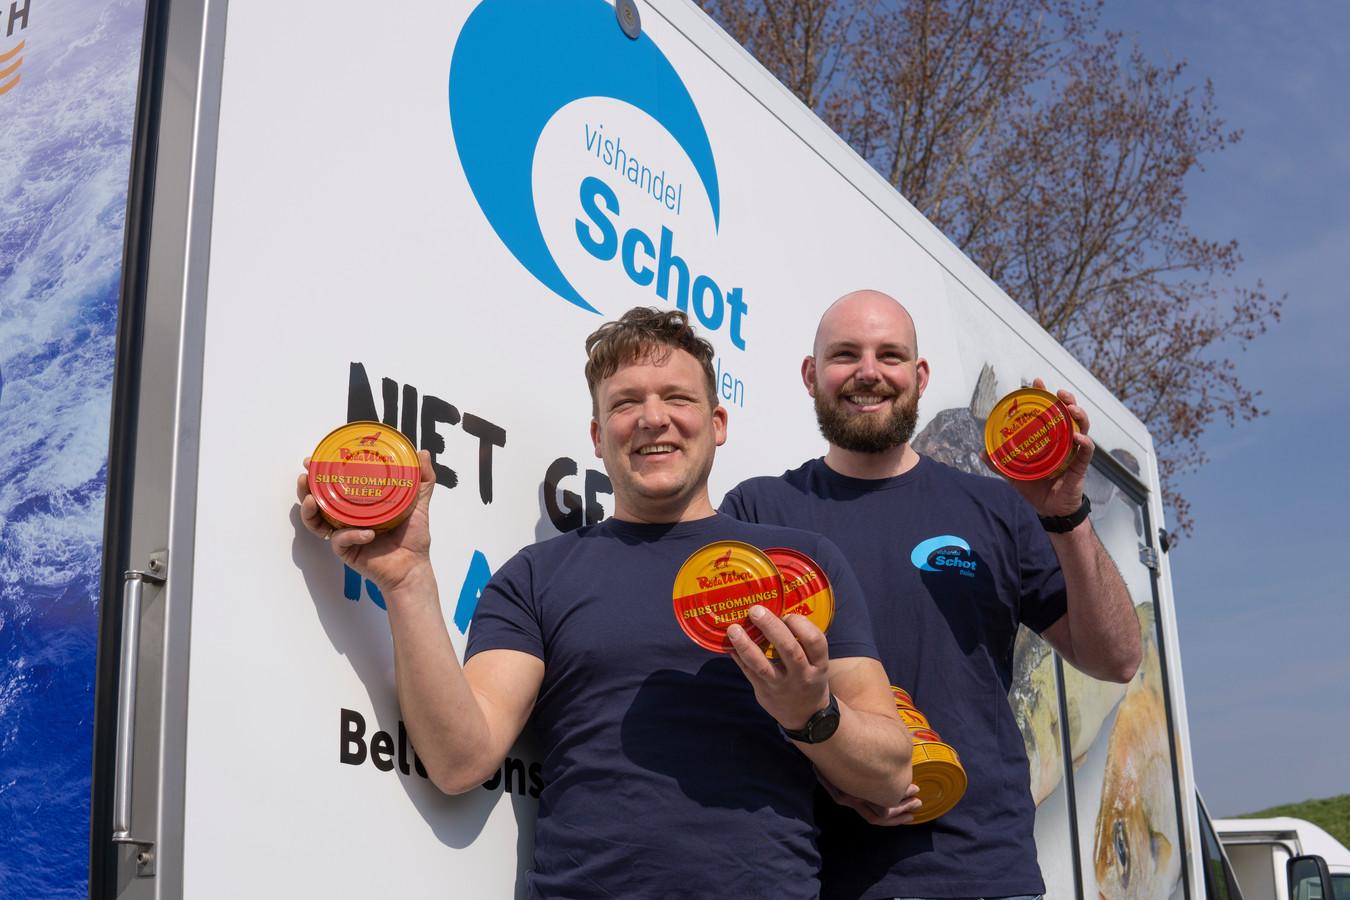 Sander Deurloo (rechts) en Wim Bal van vishandel Schot.